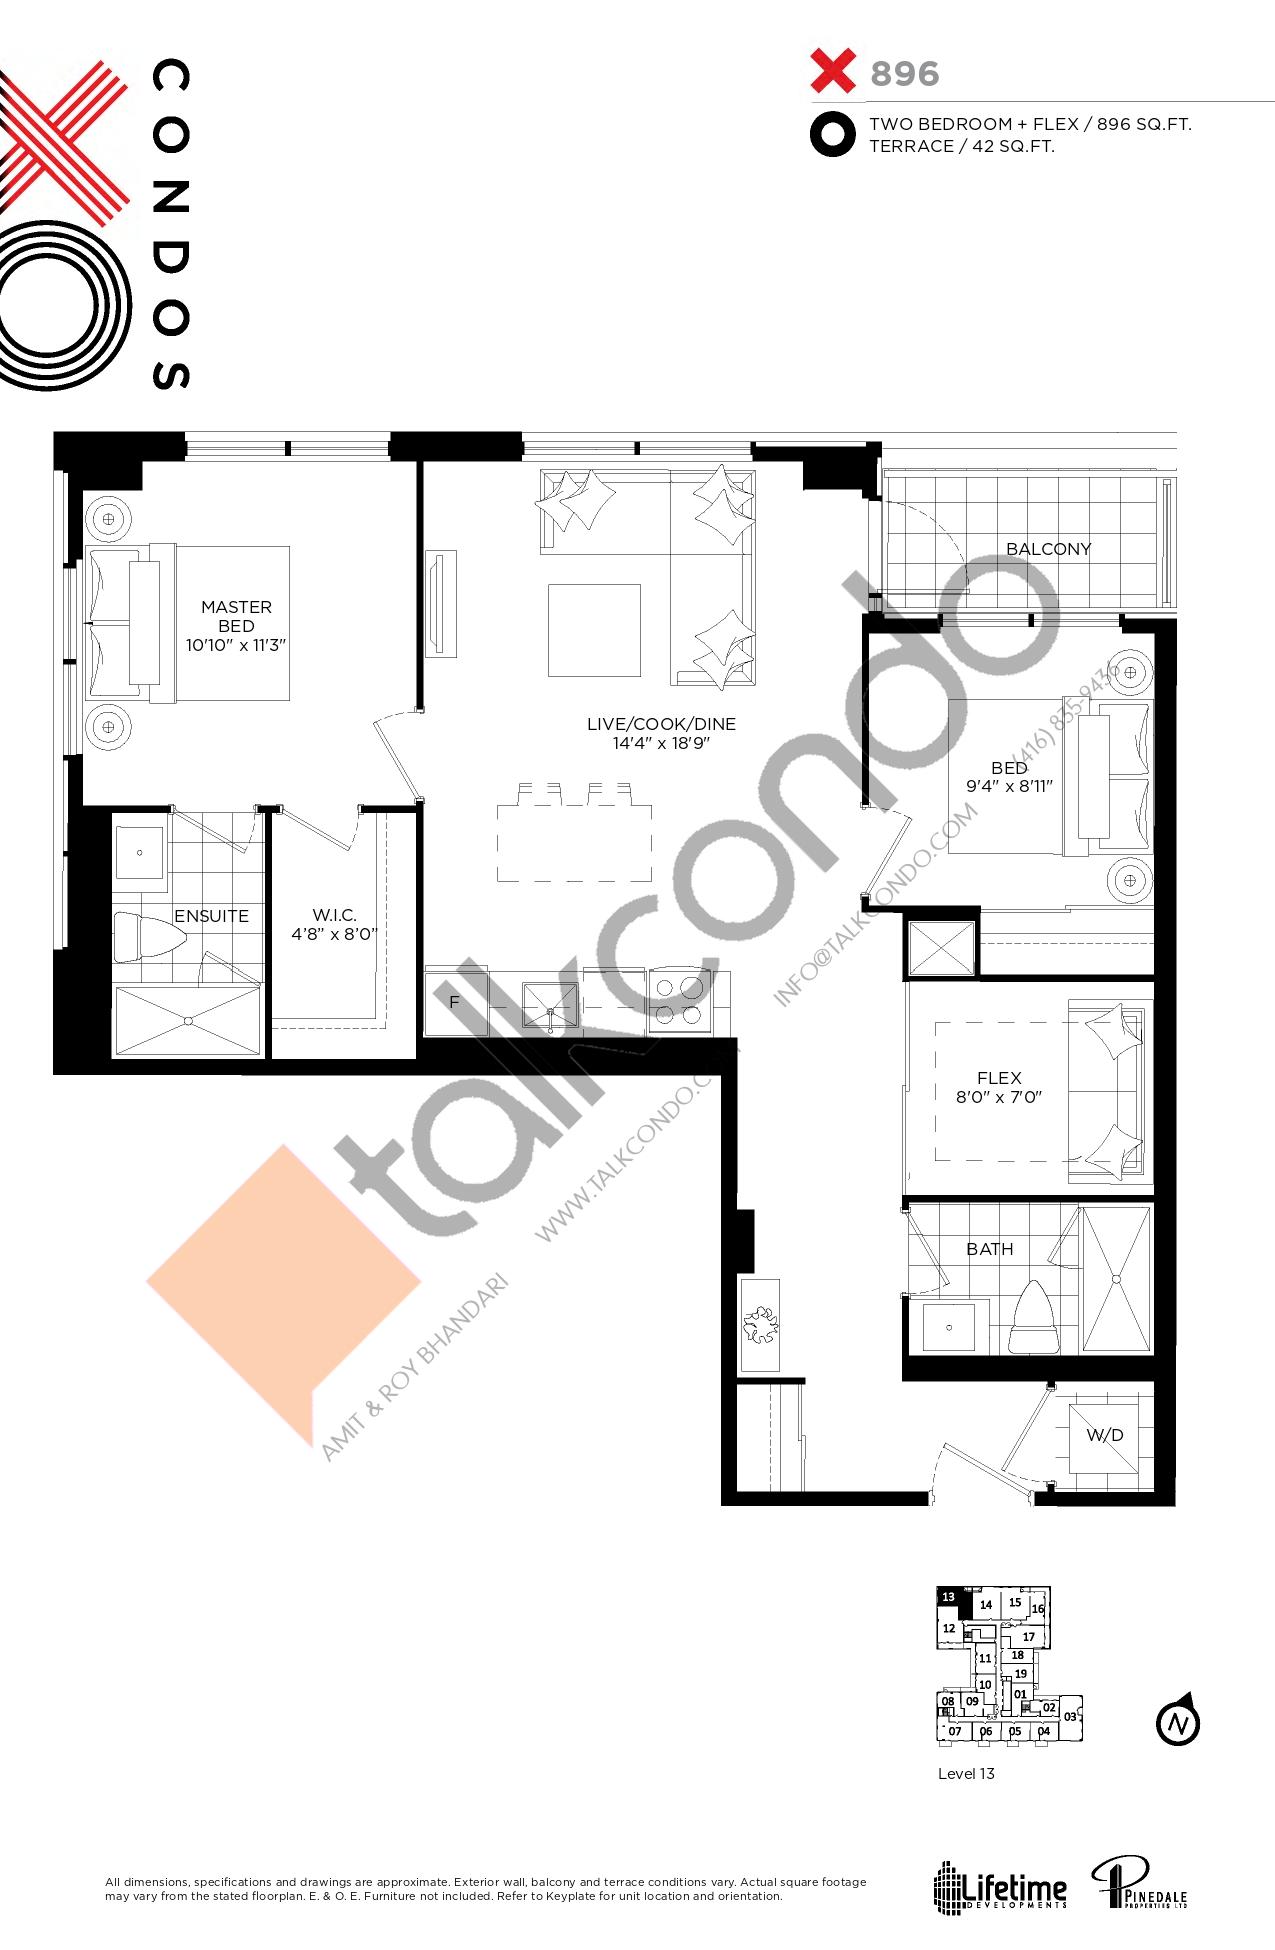 896 Floor Plan at XO Condos - 896 sq.ft